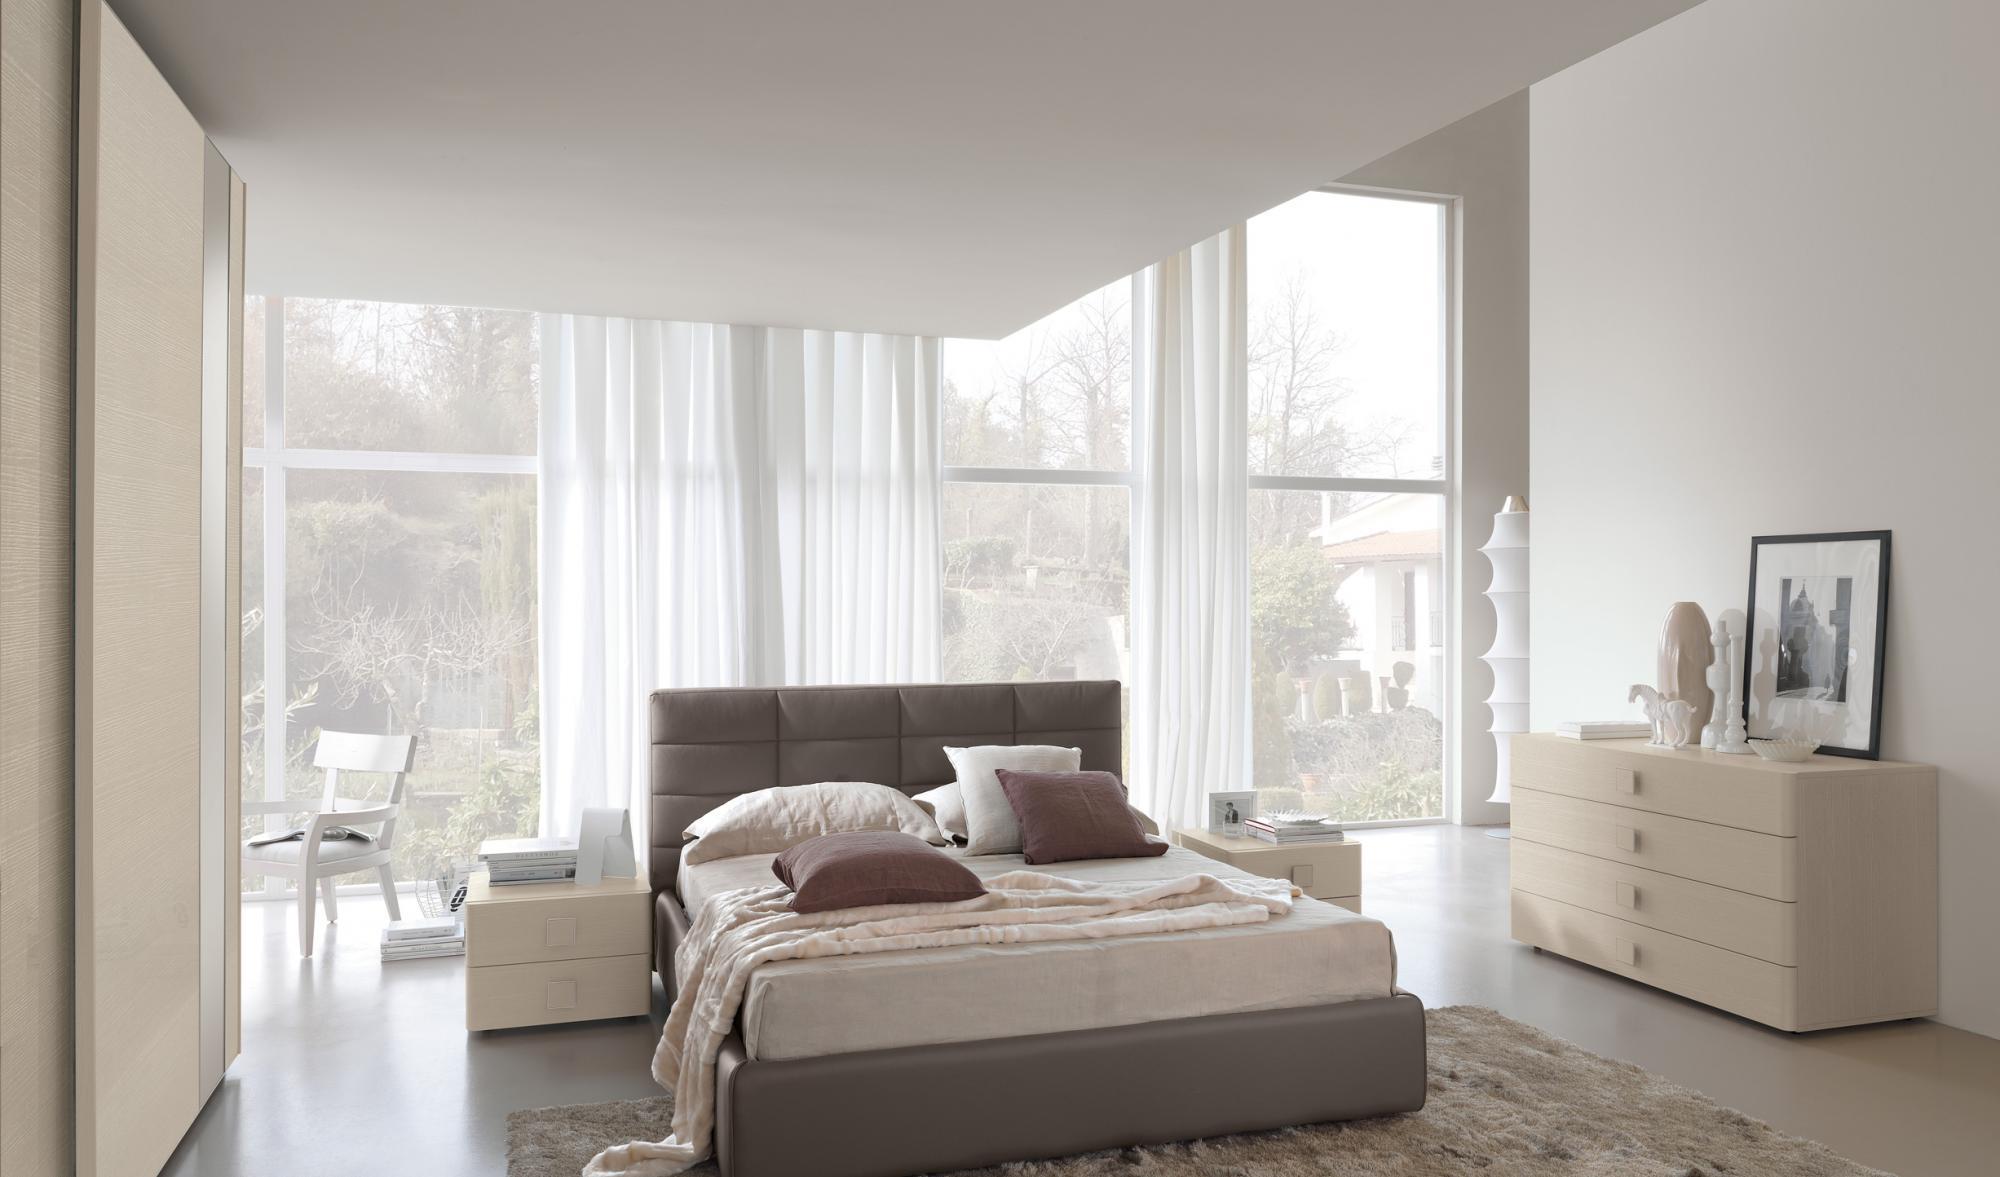 Camere da letto colombini vitalyty arredo spazio casa - Camere da letto colombini ...